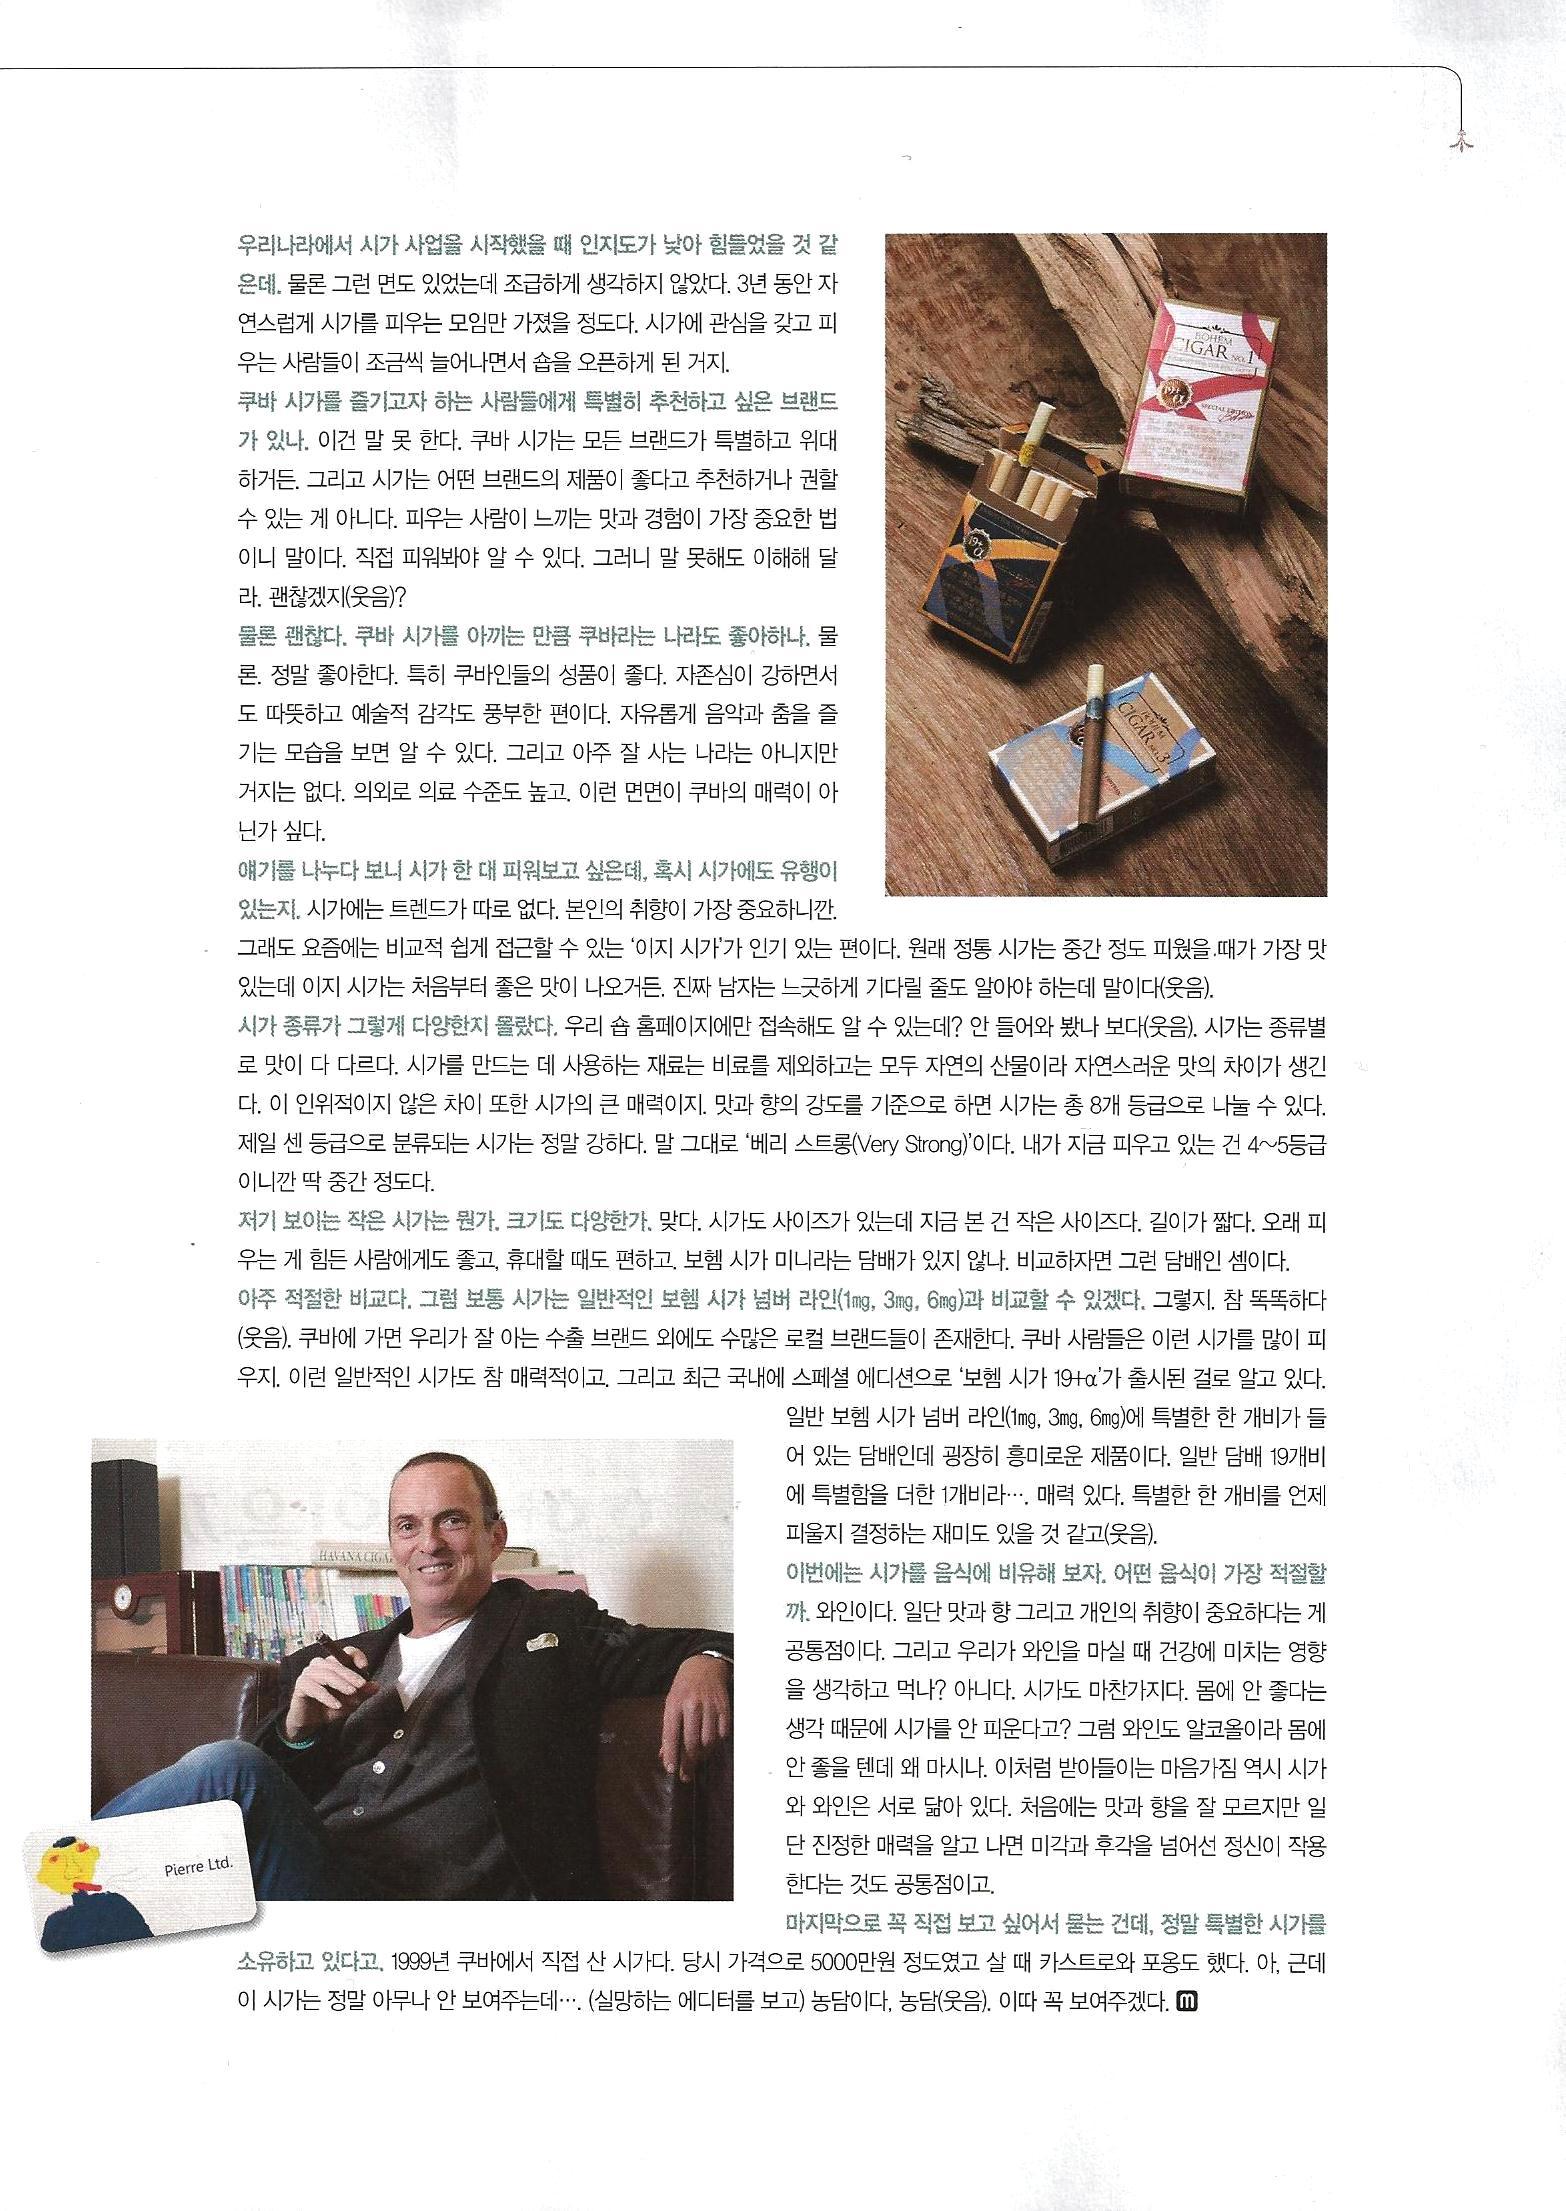 2013-4 week2 M25 article 2.jpg